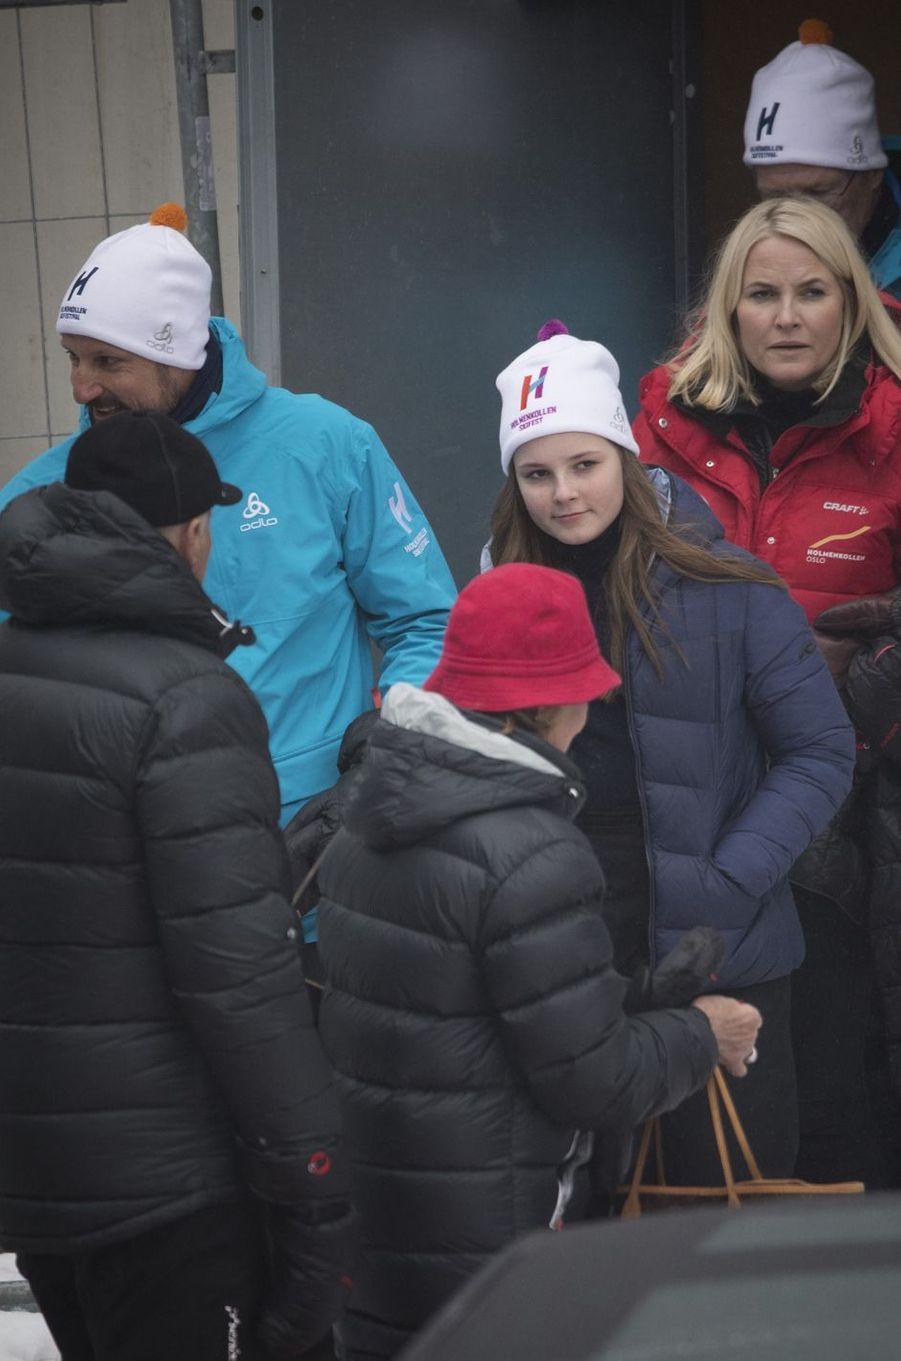 La famille royale de Norvège à Oslo, le 11 mars 2018